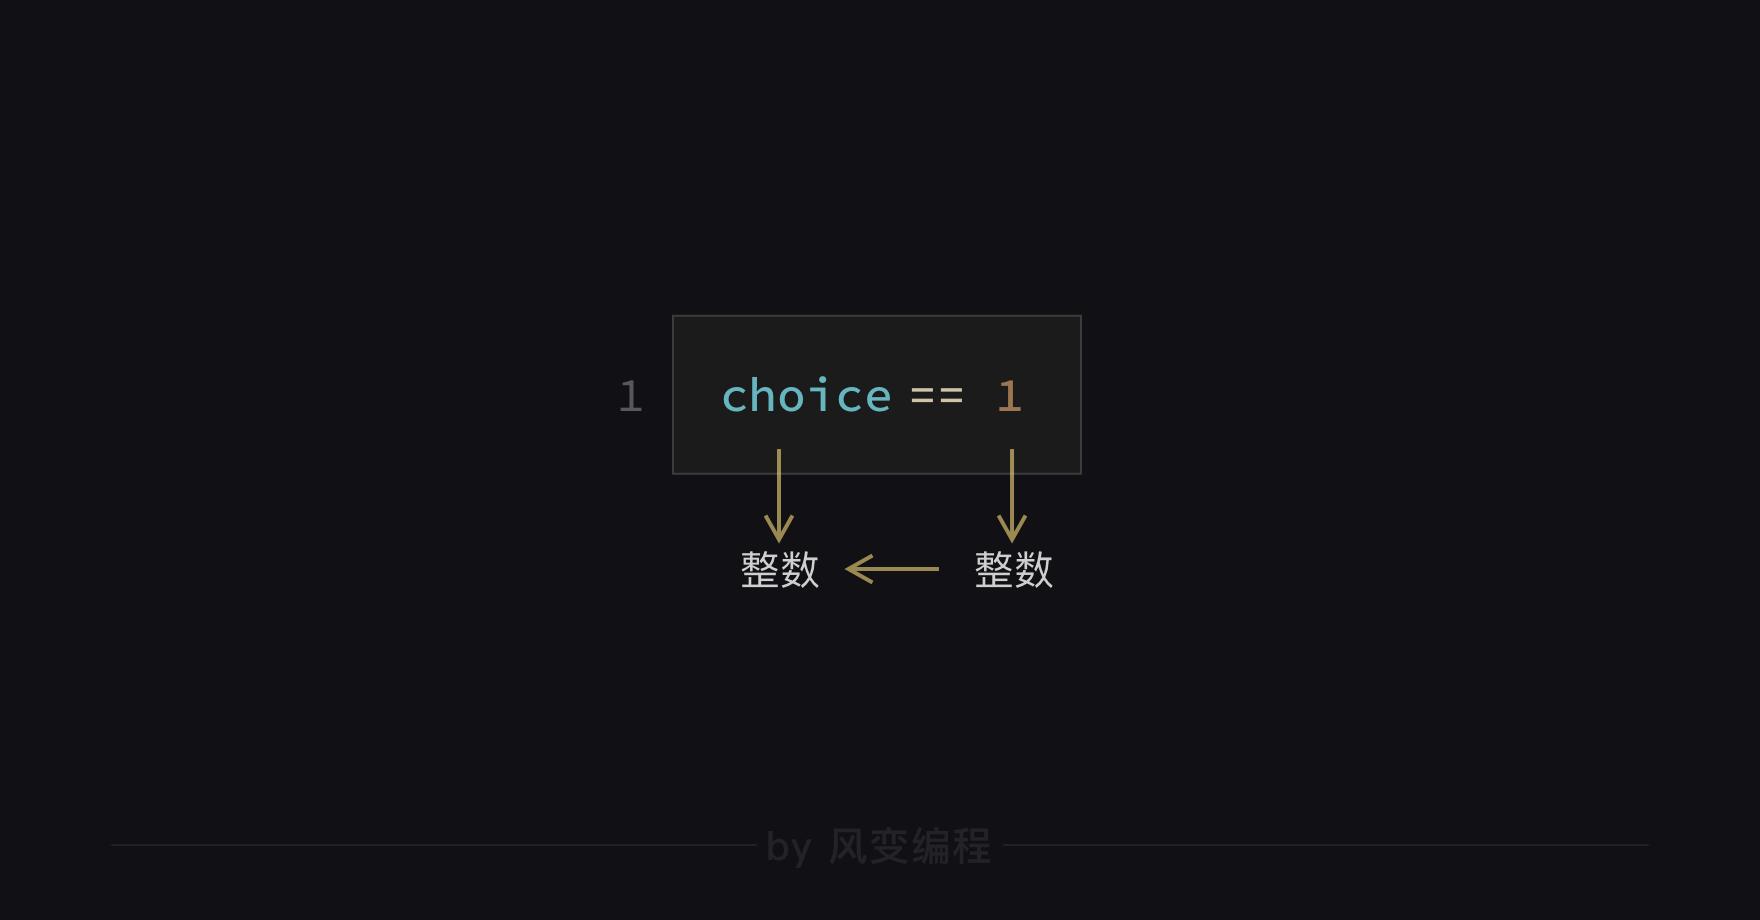 [简单学Python] 通过一个小游戏完成Python入门[4]input()函数